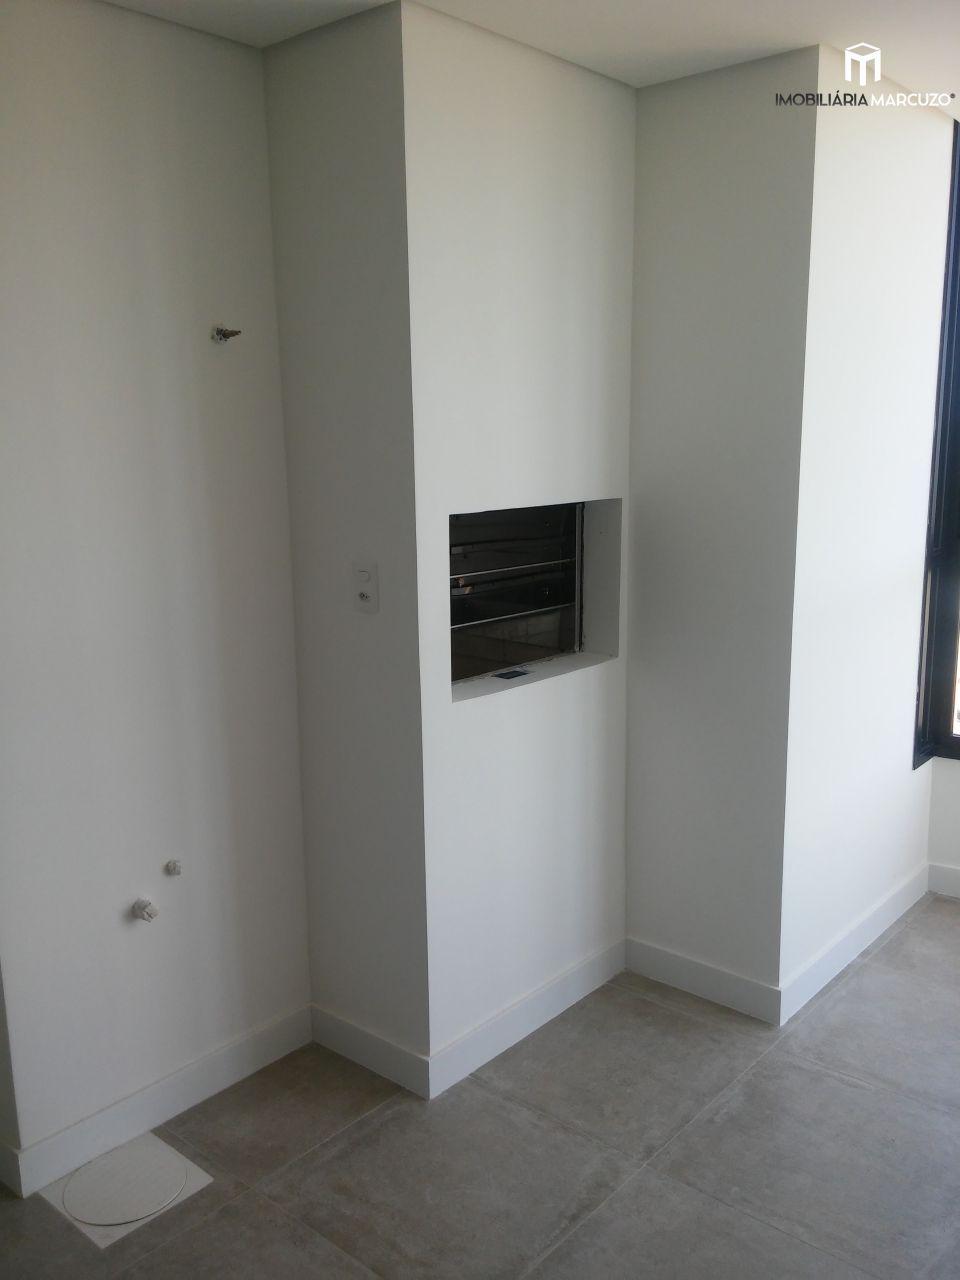 Apartamento com 2 Dormitórios à venda, 84 m² por R$ 567.086,00